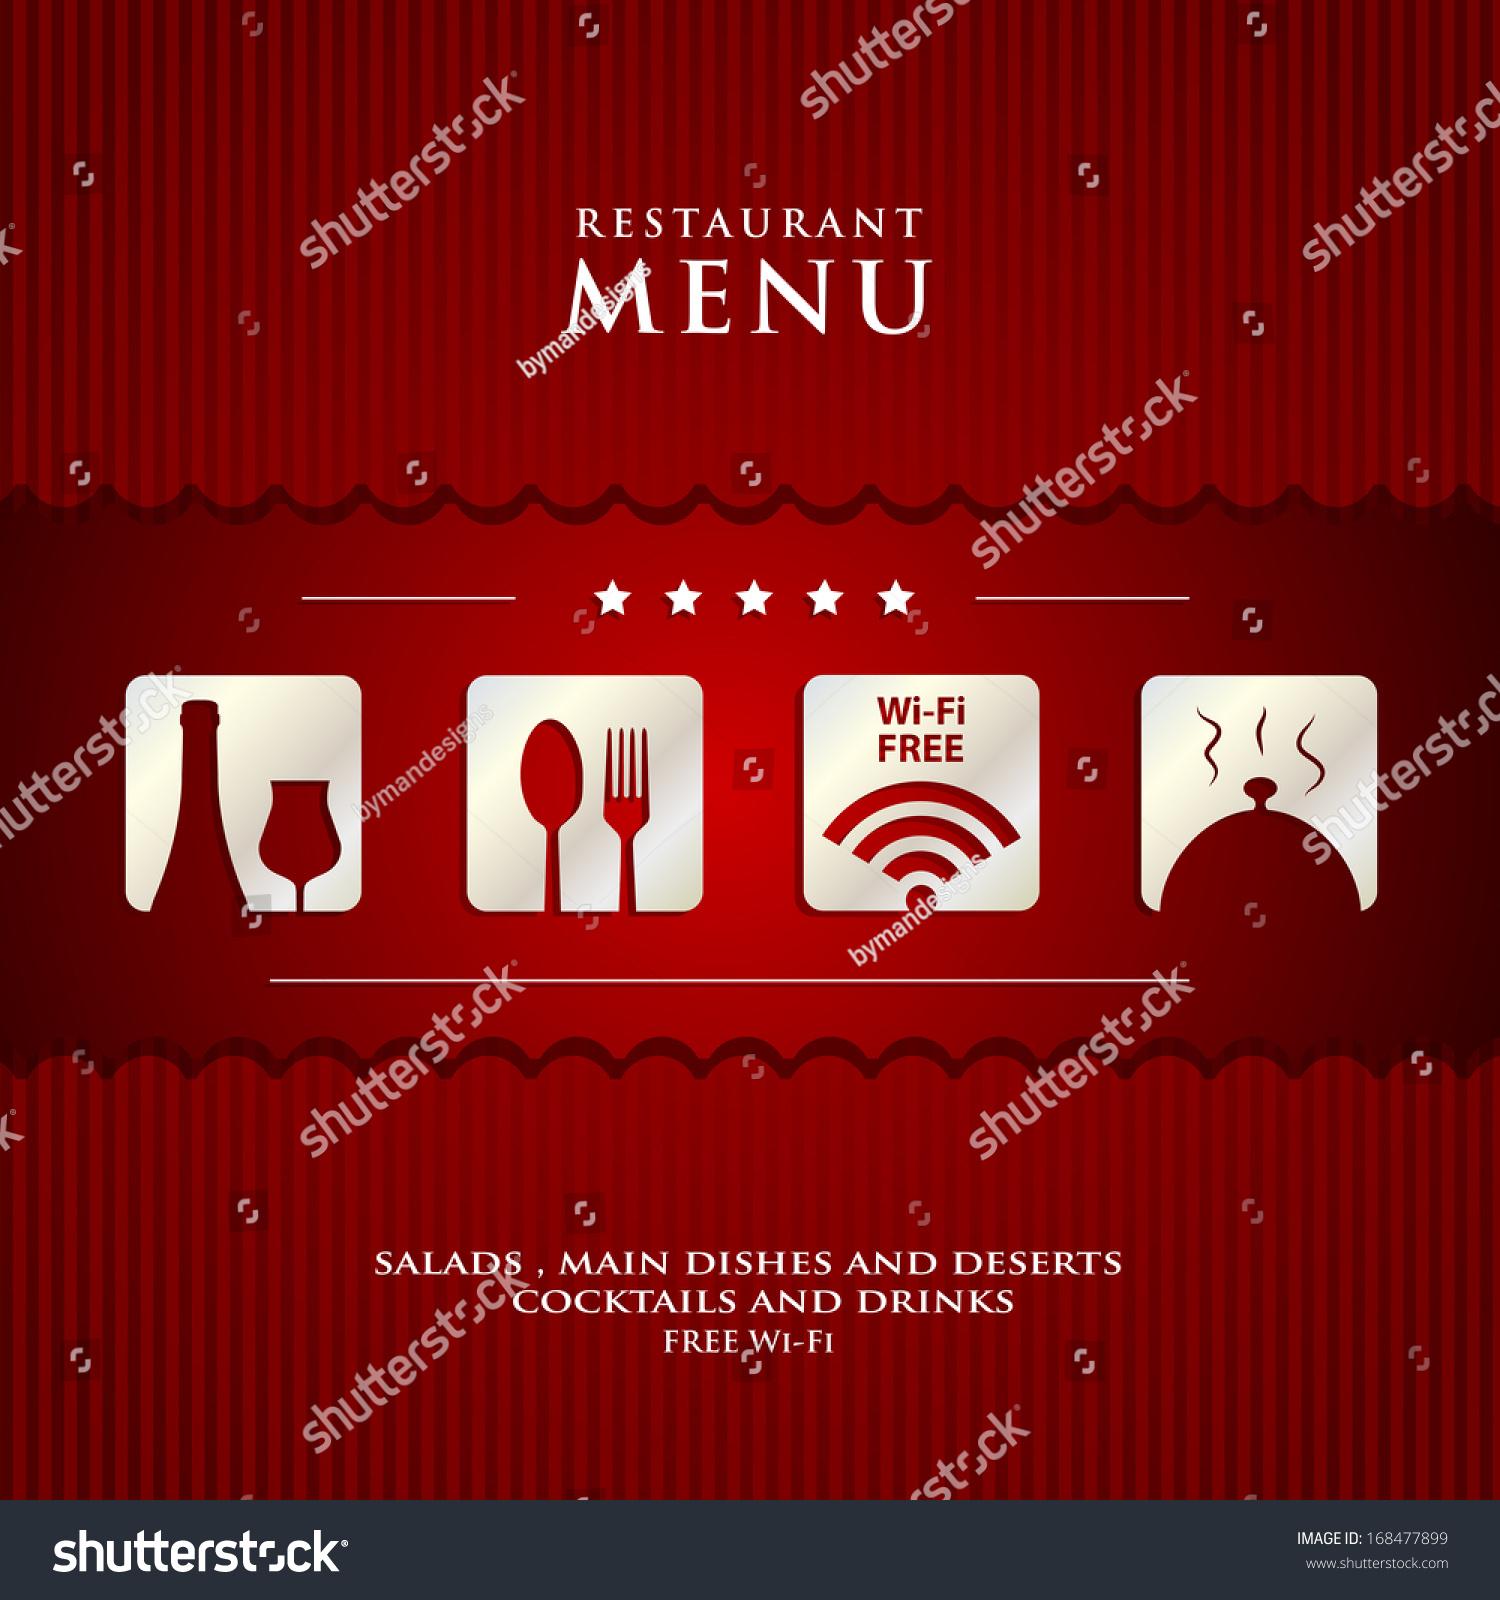 Restaurant Menu Design Background